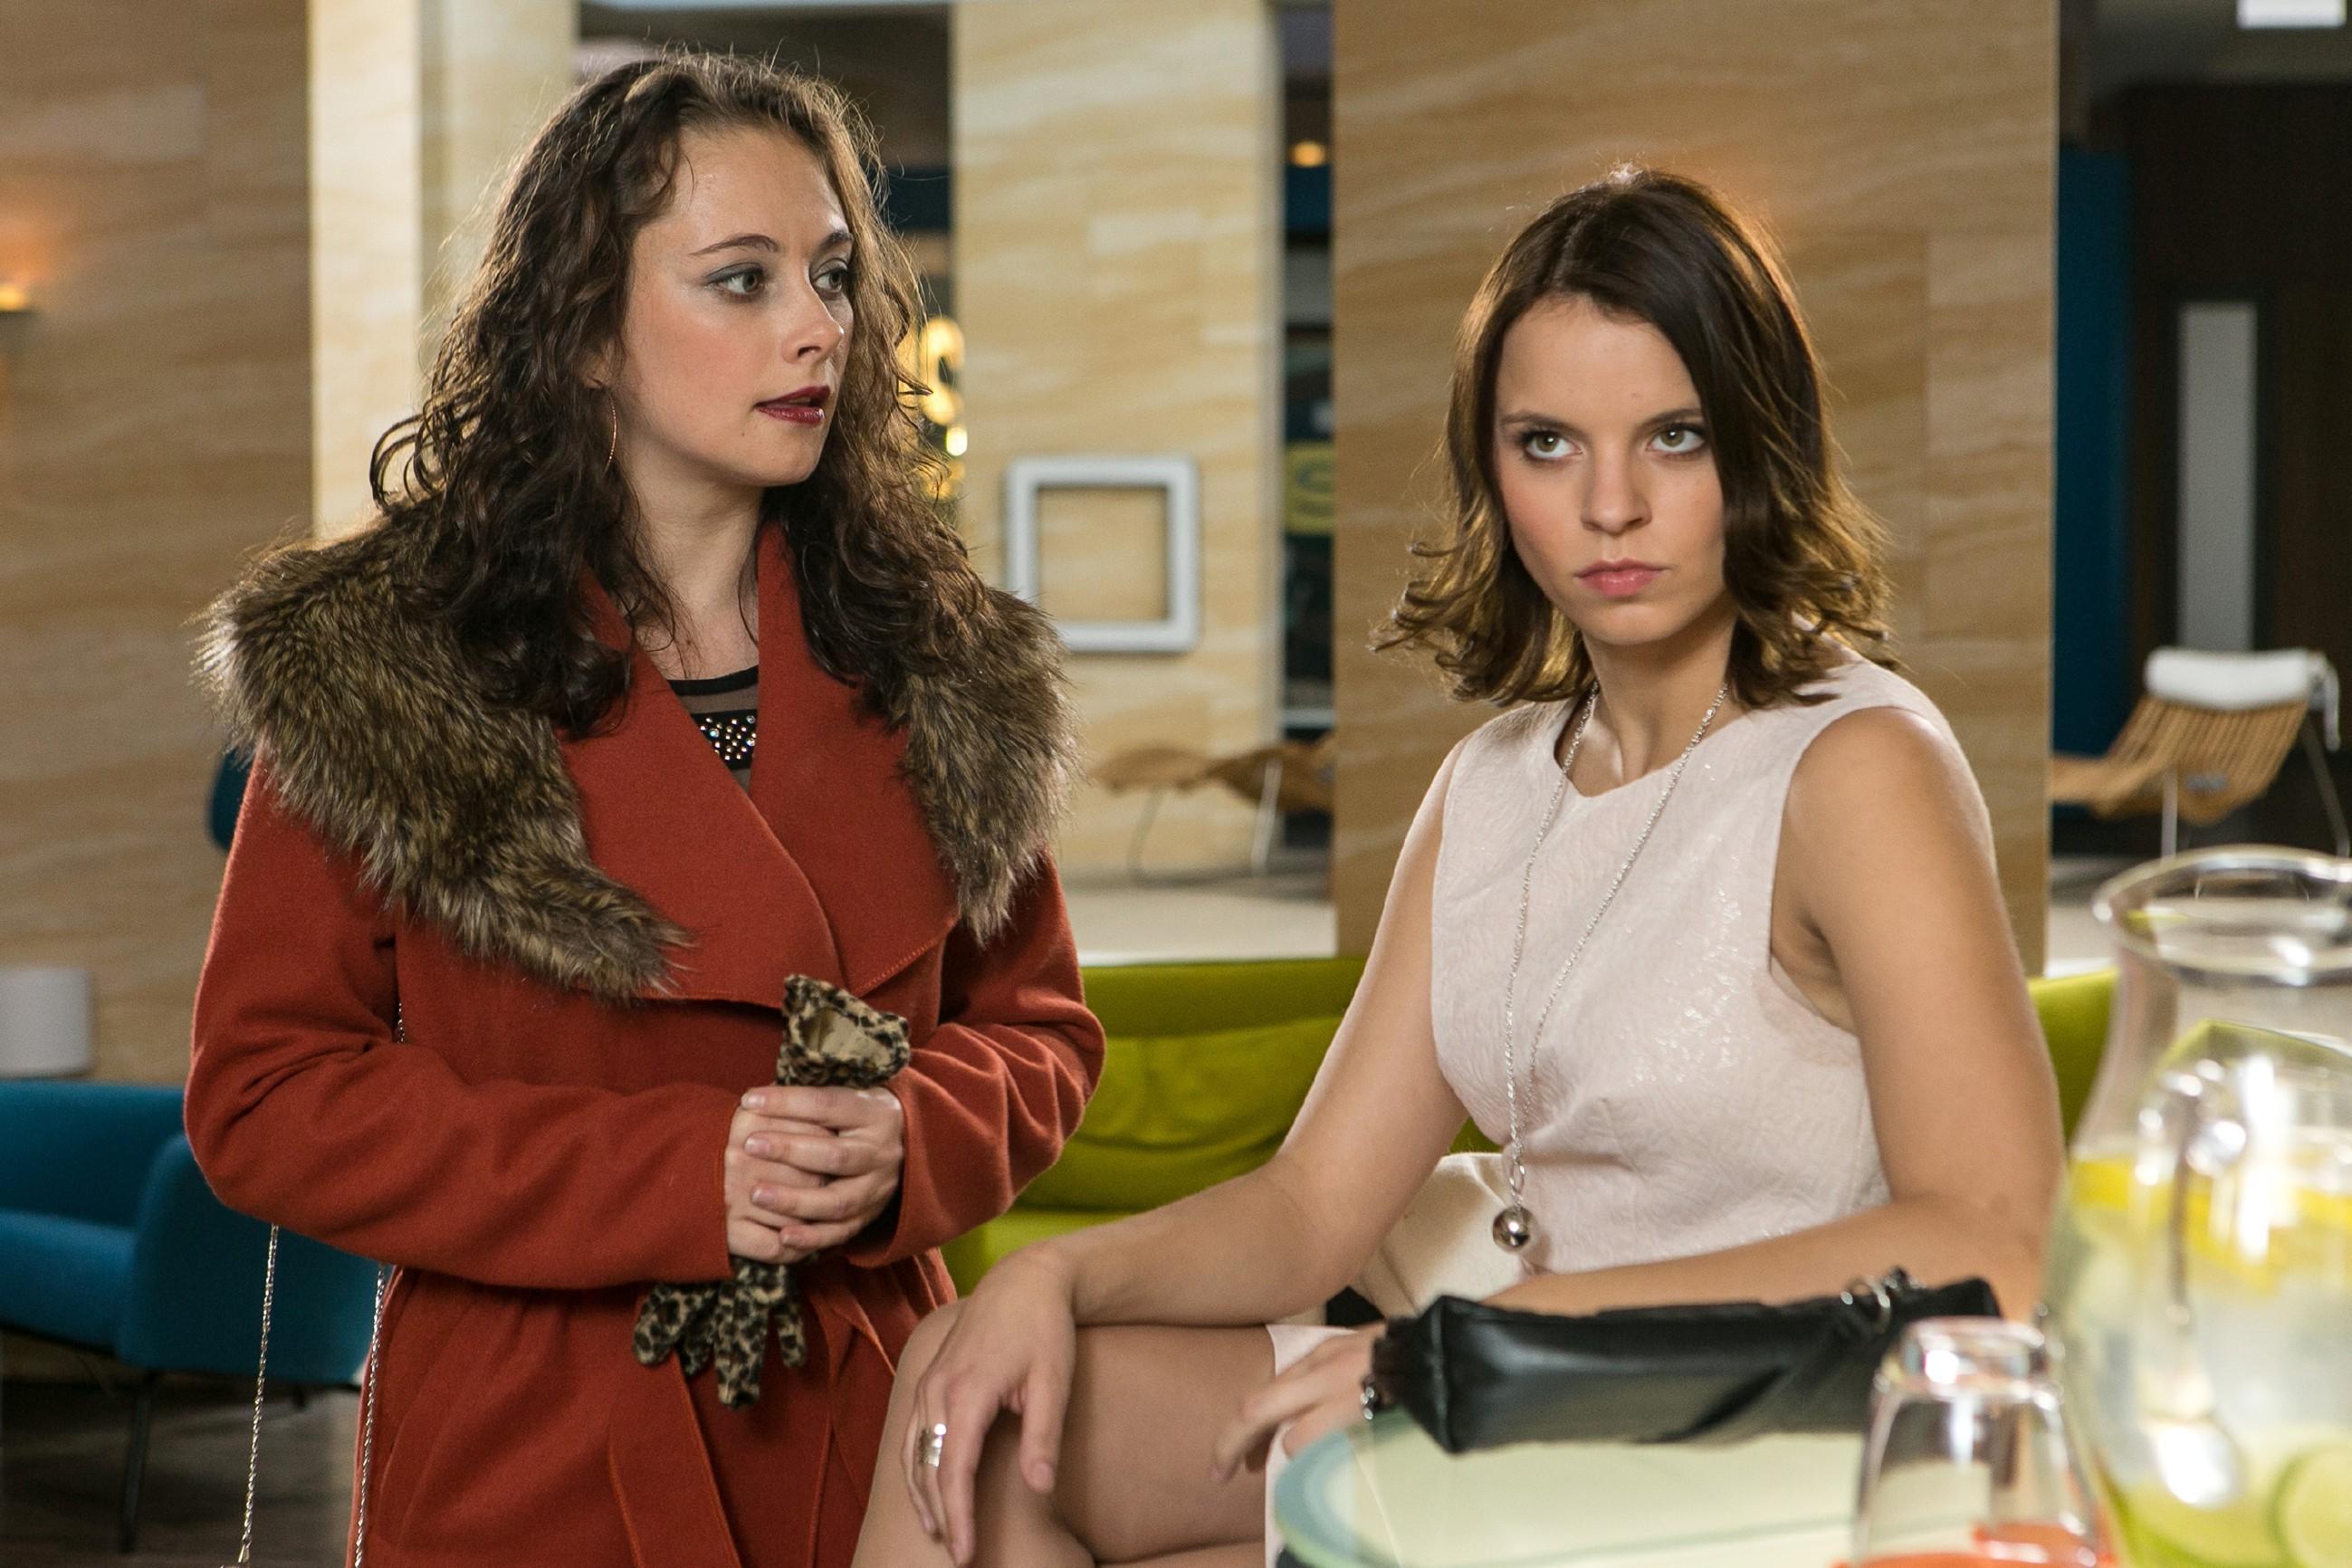 Michelle (Franziska Benz, r.) befürchtet, dass ihre Mutter Carmen (Heike Warmuth) bei dem Empfang Aufsehen erregen könnte. (Quelle: RTL / Kai Schulz)